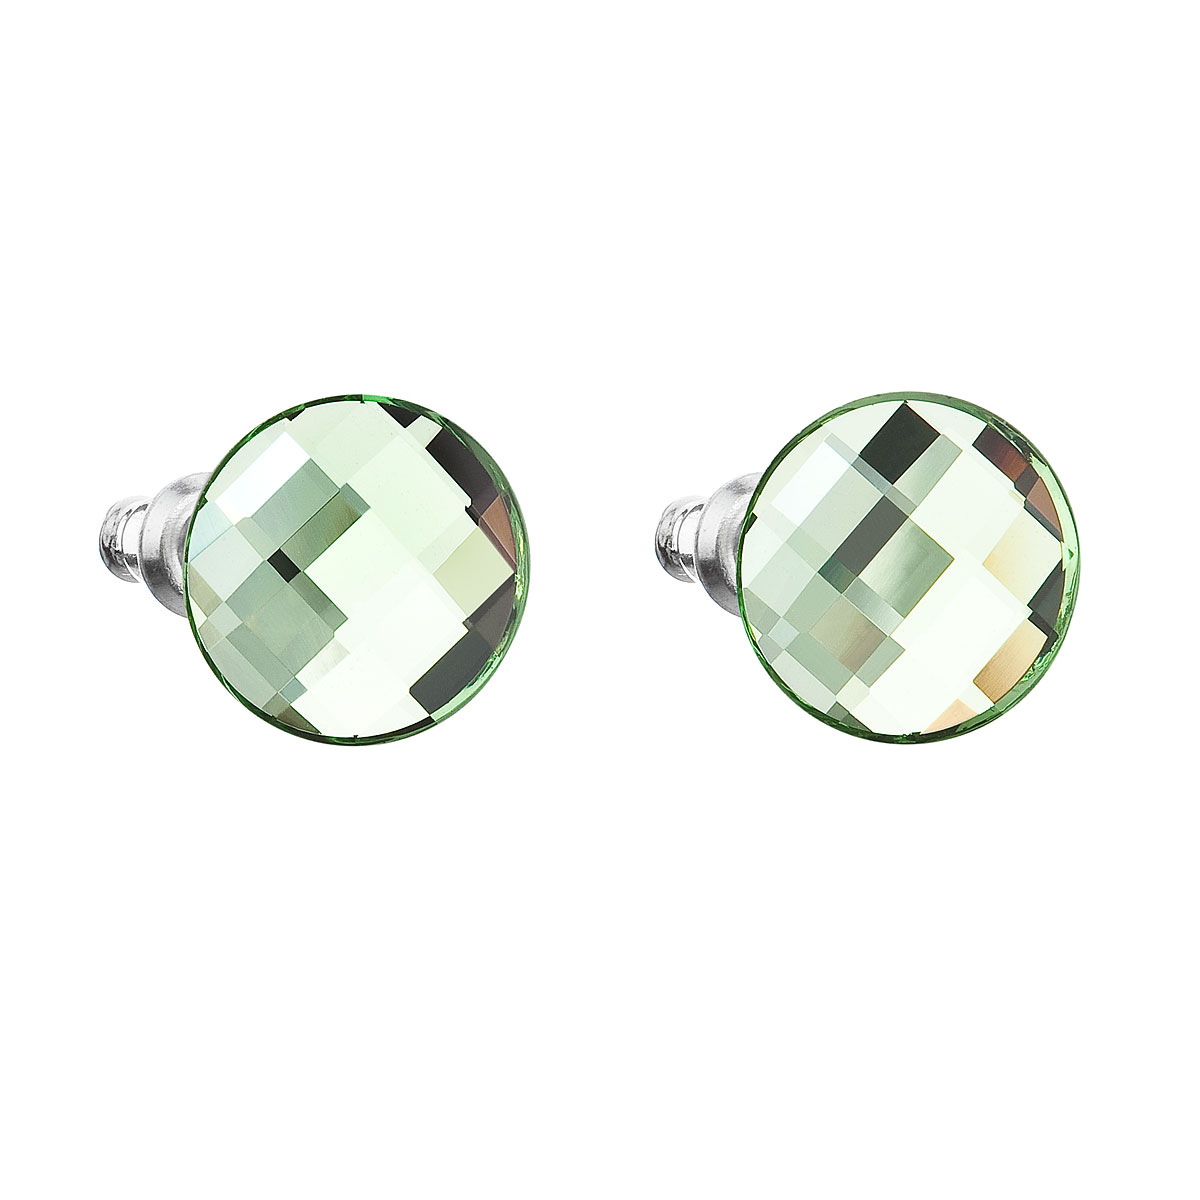 Náušnice bižuterie se Swarovski krystaly zelené kulaté 56009.3